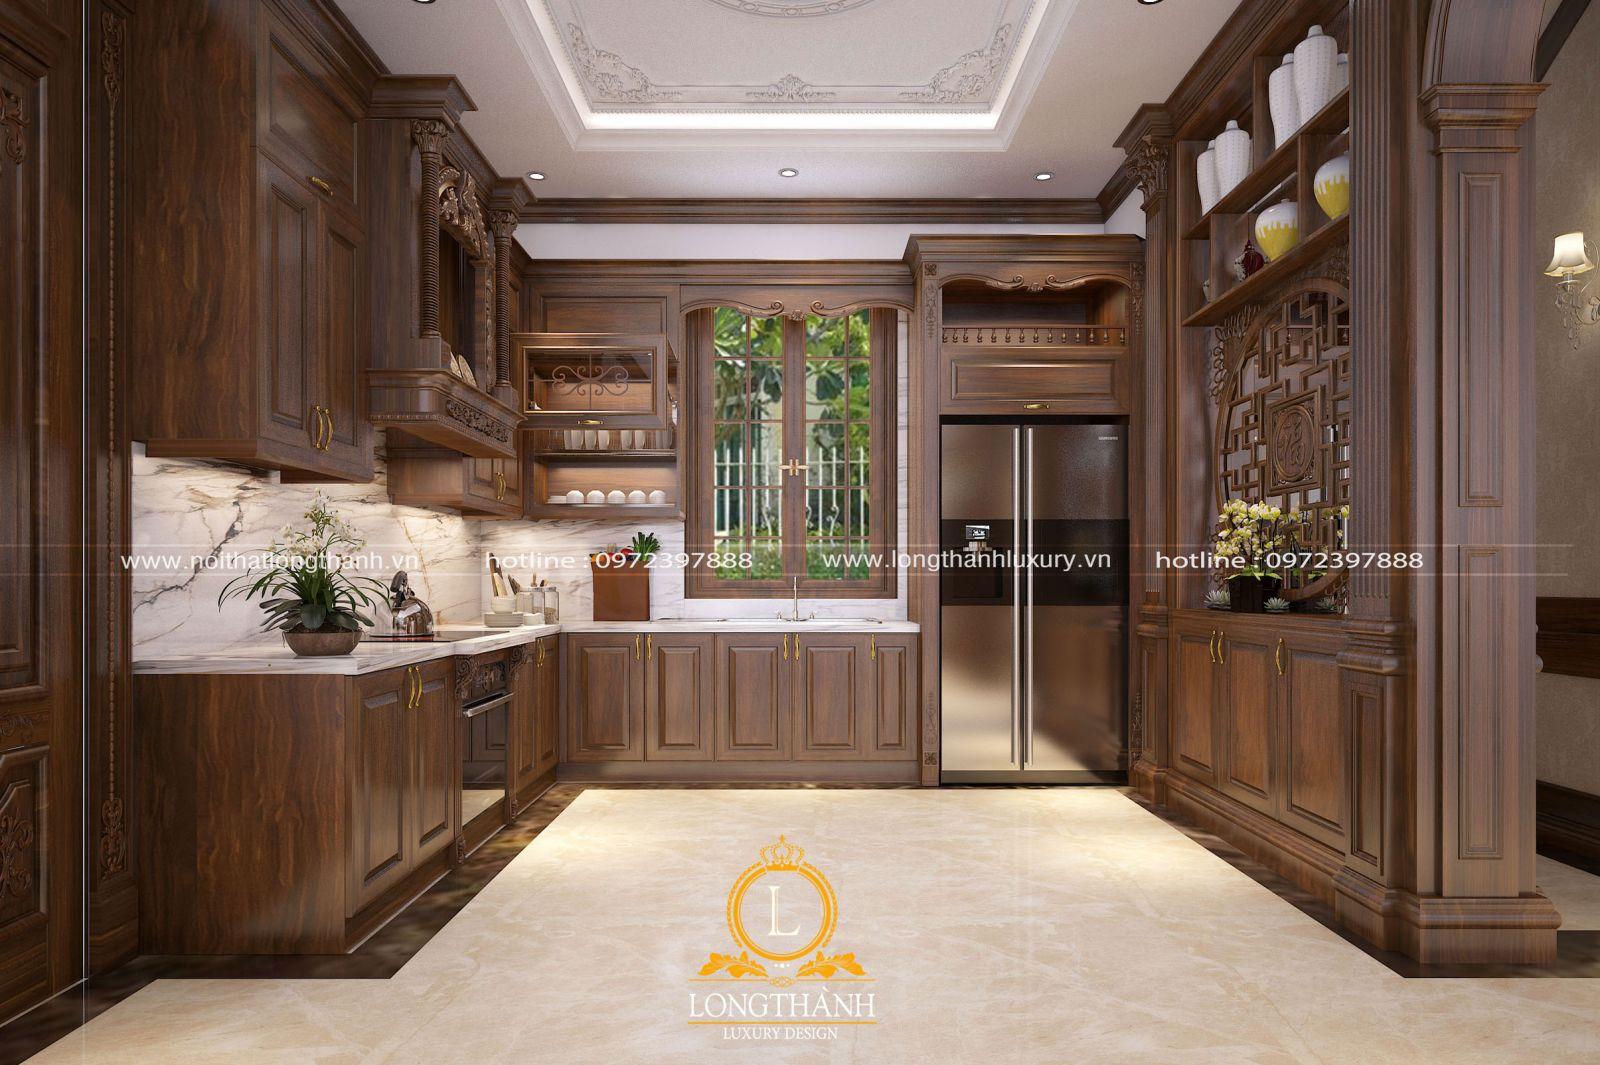 Tủ bếp tân cổ điển gỗ tự nhiên cao cấp cho nhà biệt thự hiện đại